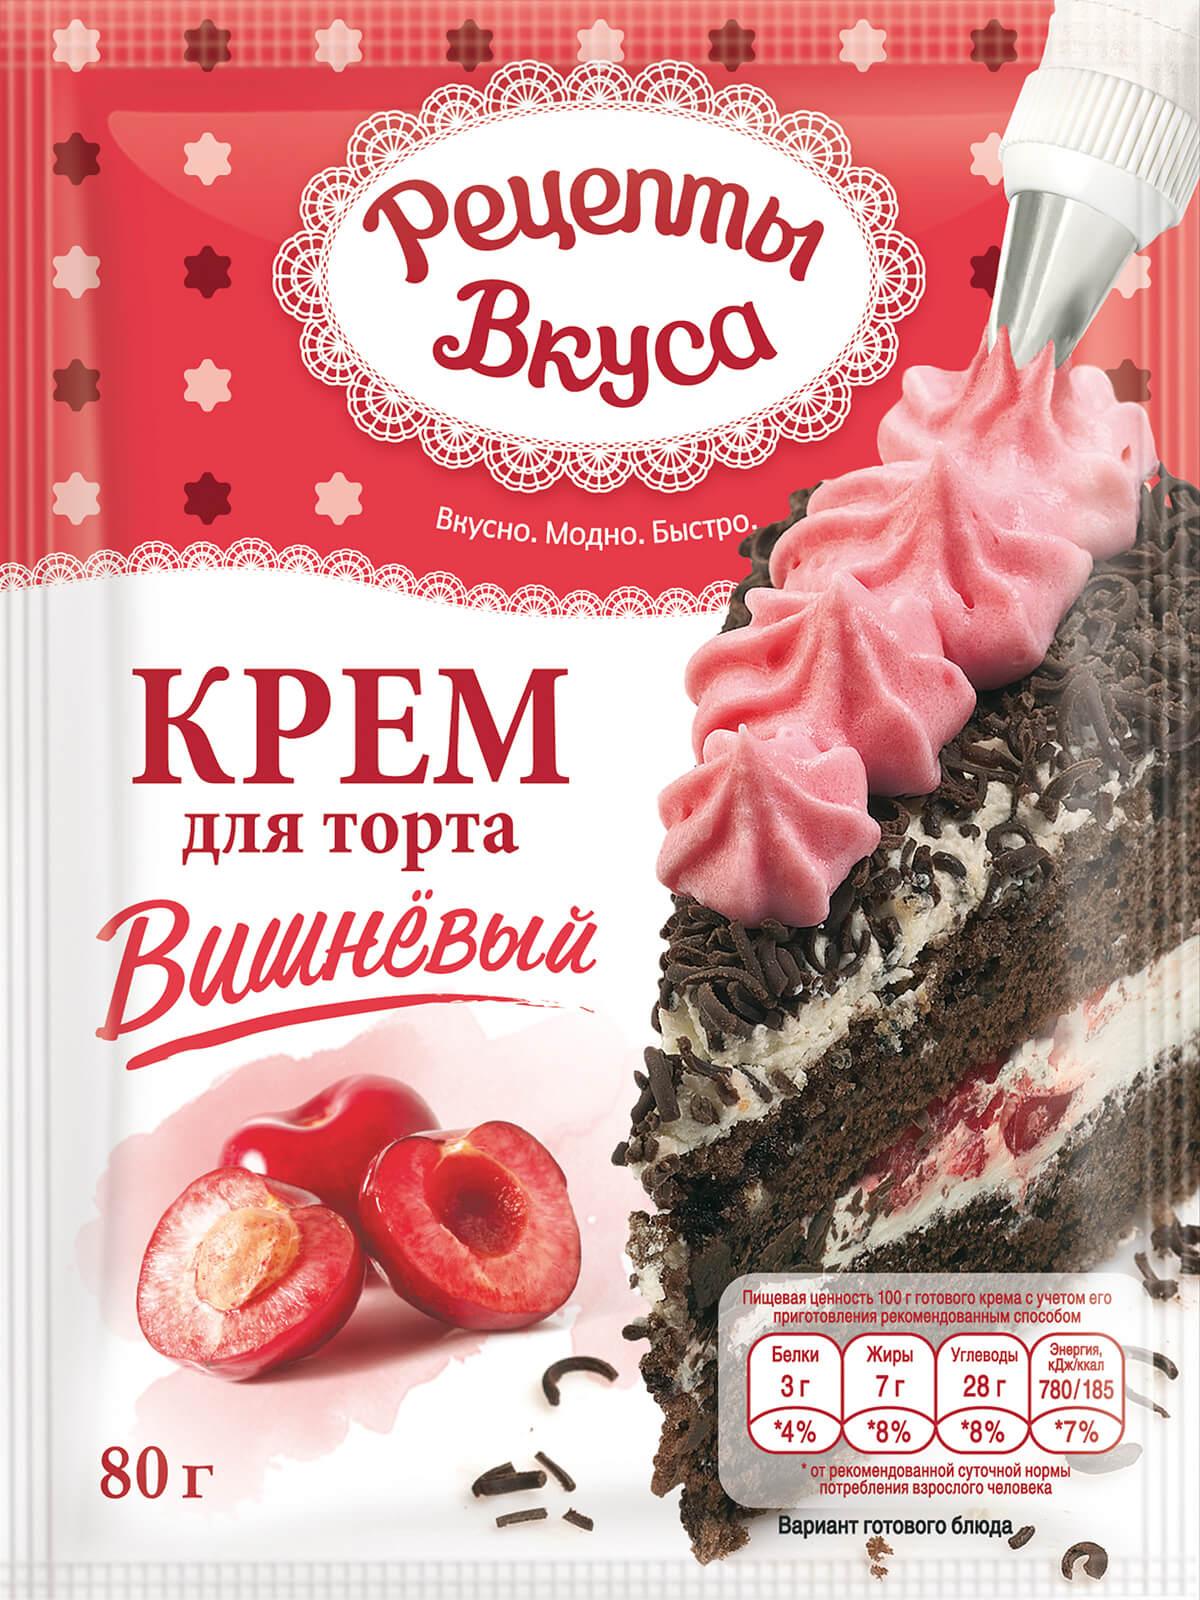 Крем для торта Вишневый Рецепты Вкуса 80г.